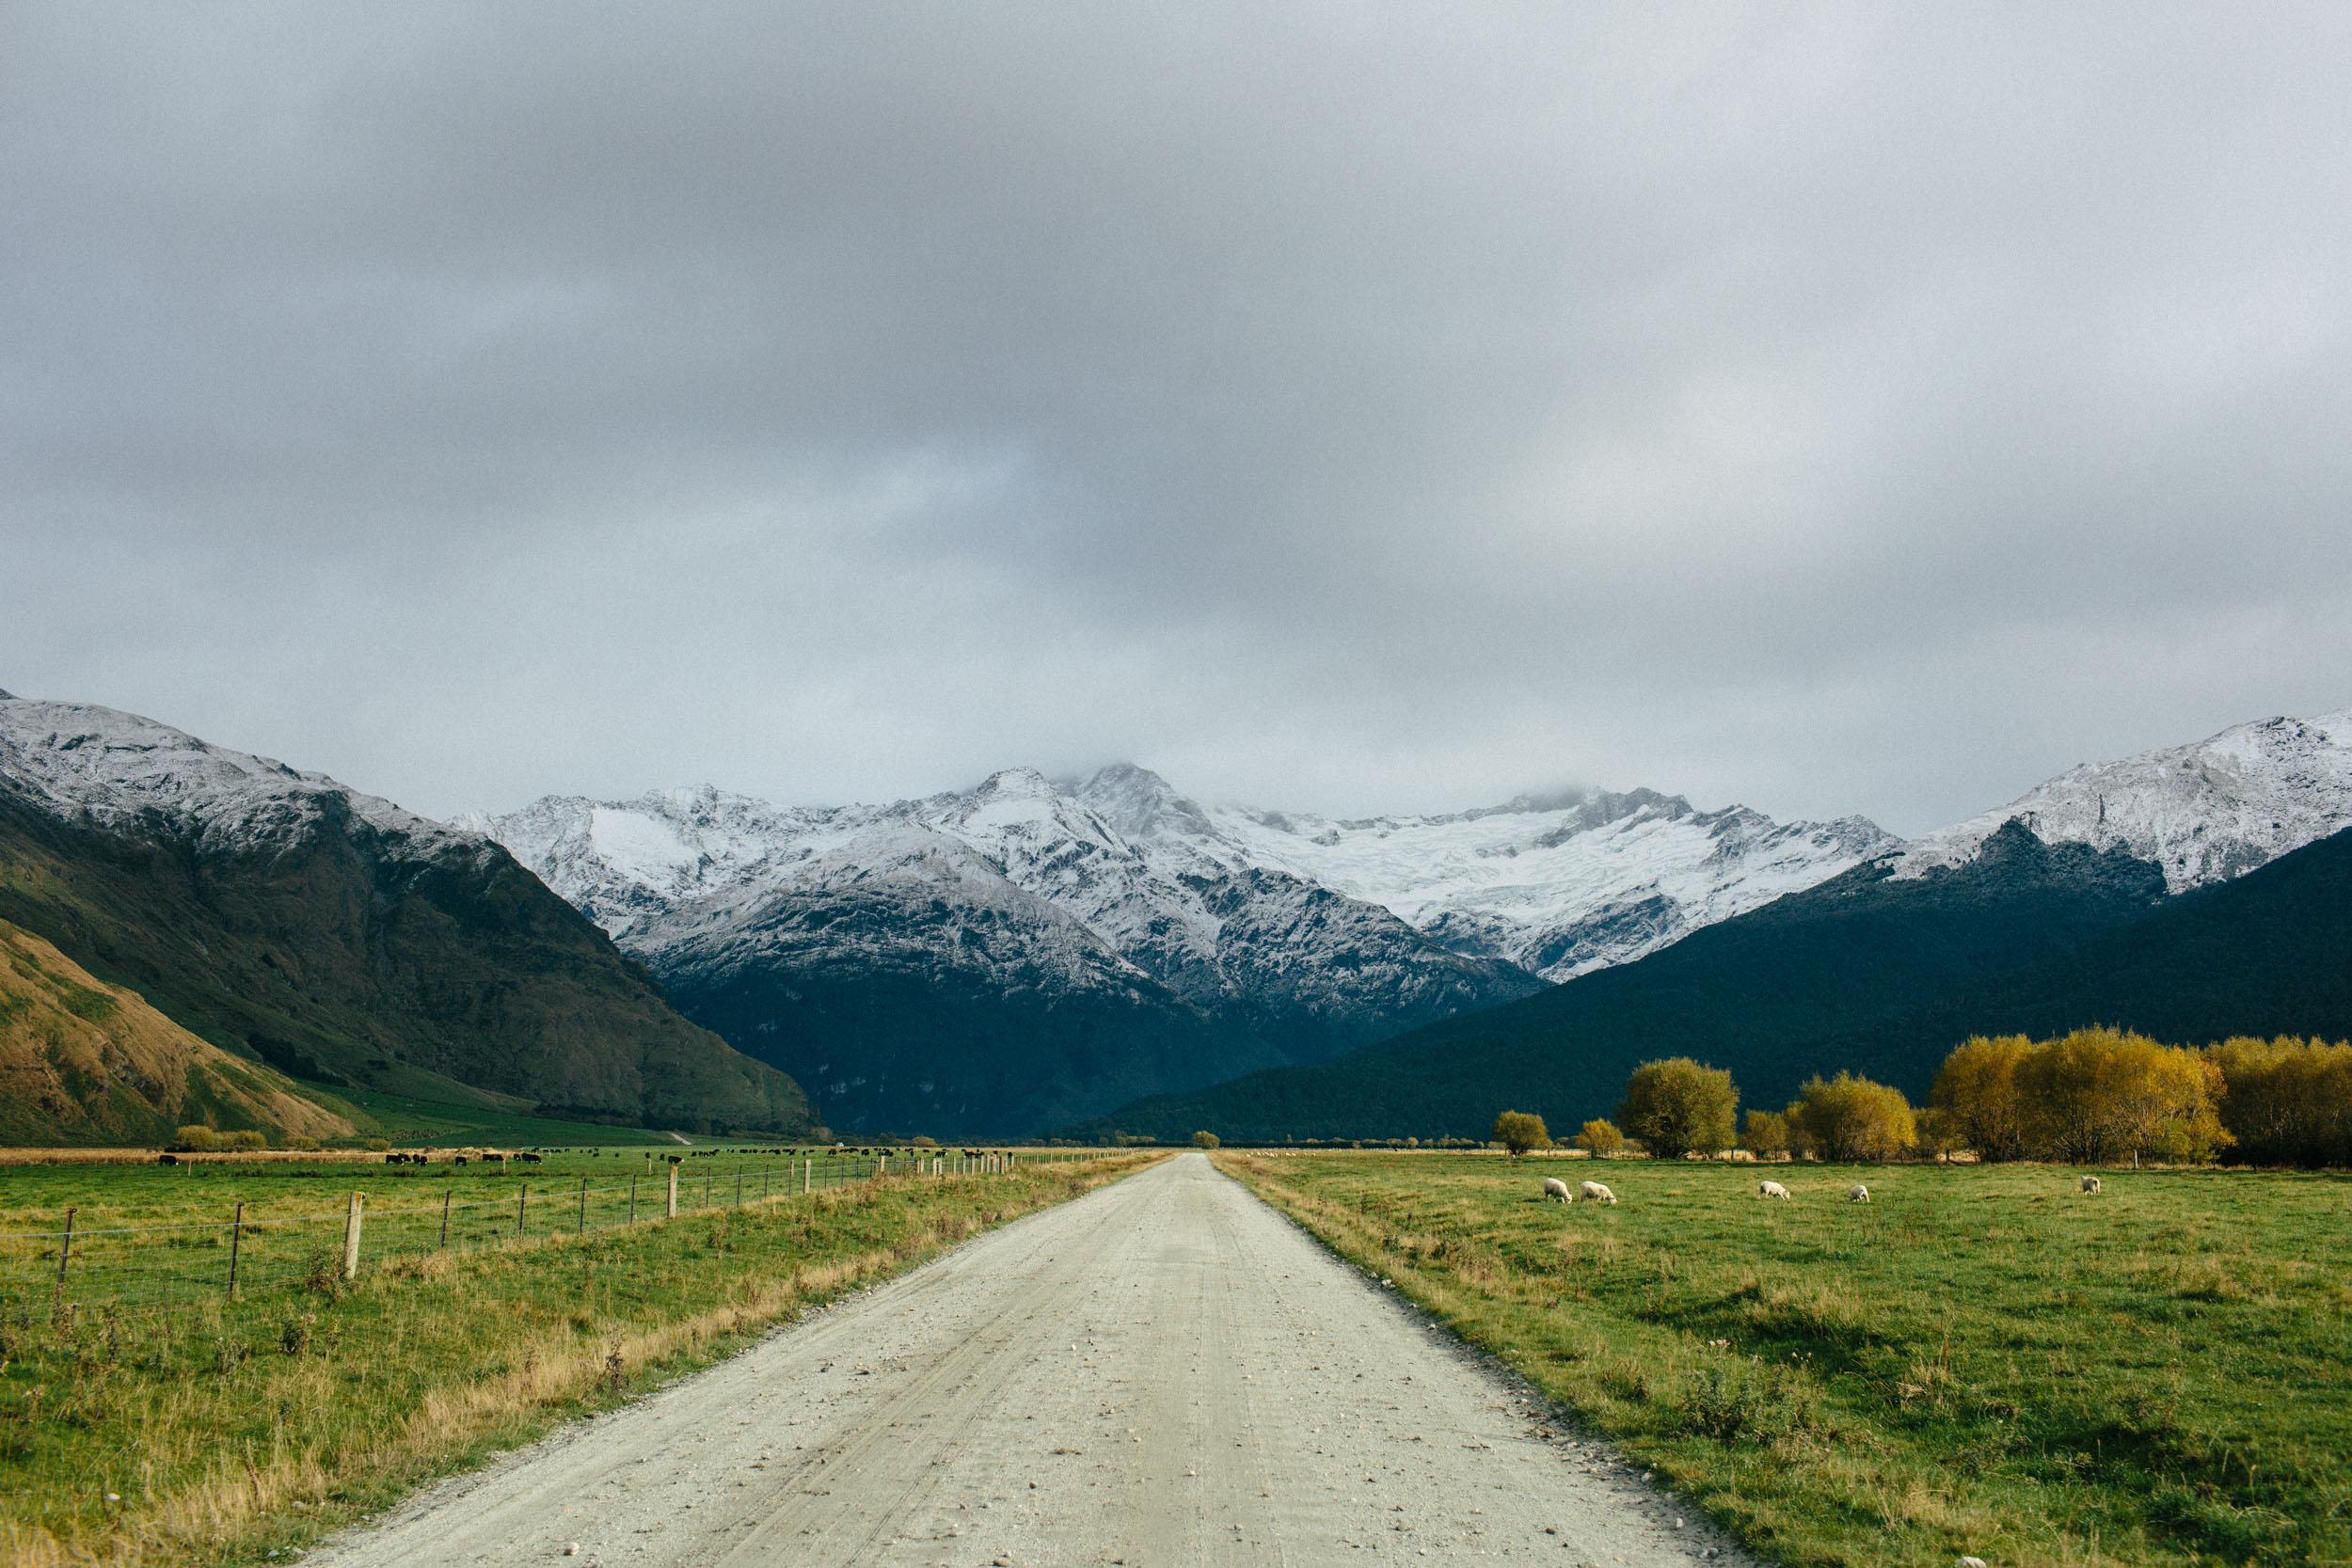 new-zealand-camper-van-roadtrip-044.jpg